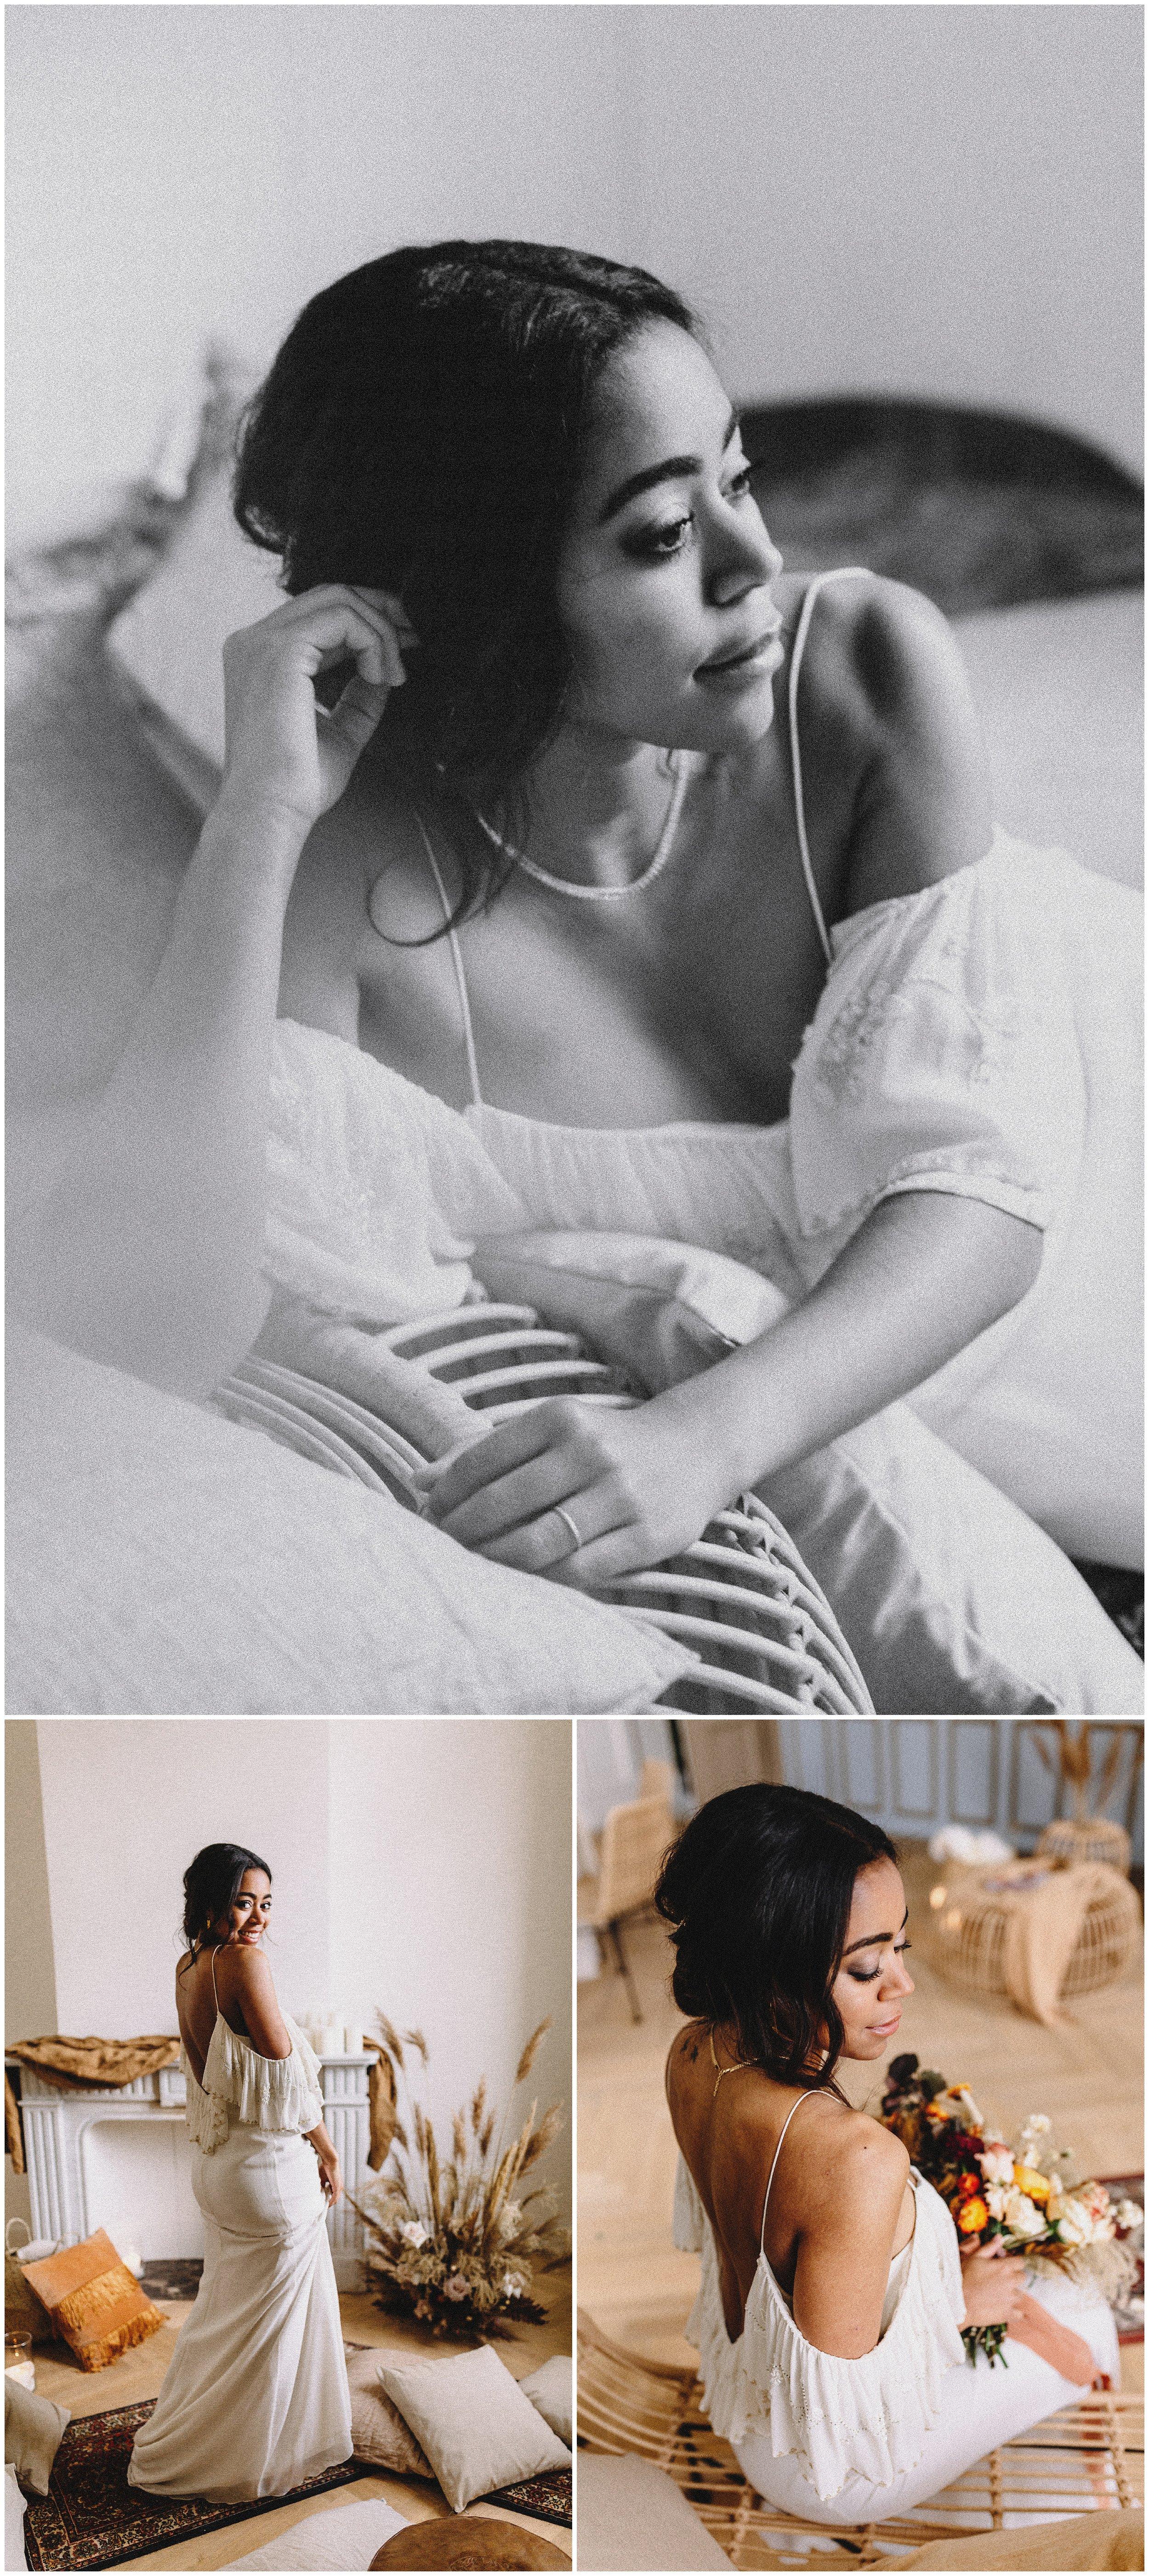 huwelijksfotografie-huwelijk-kempen-kust-lisa-helsen-photography_0008.jpg